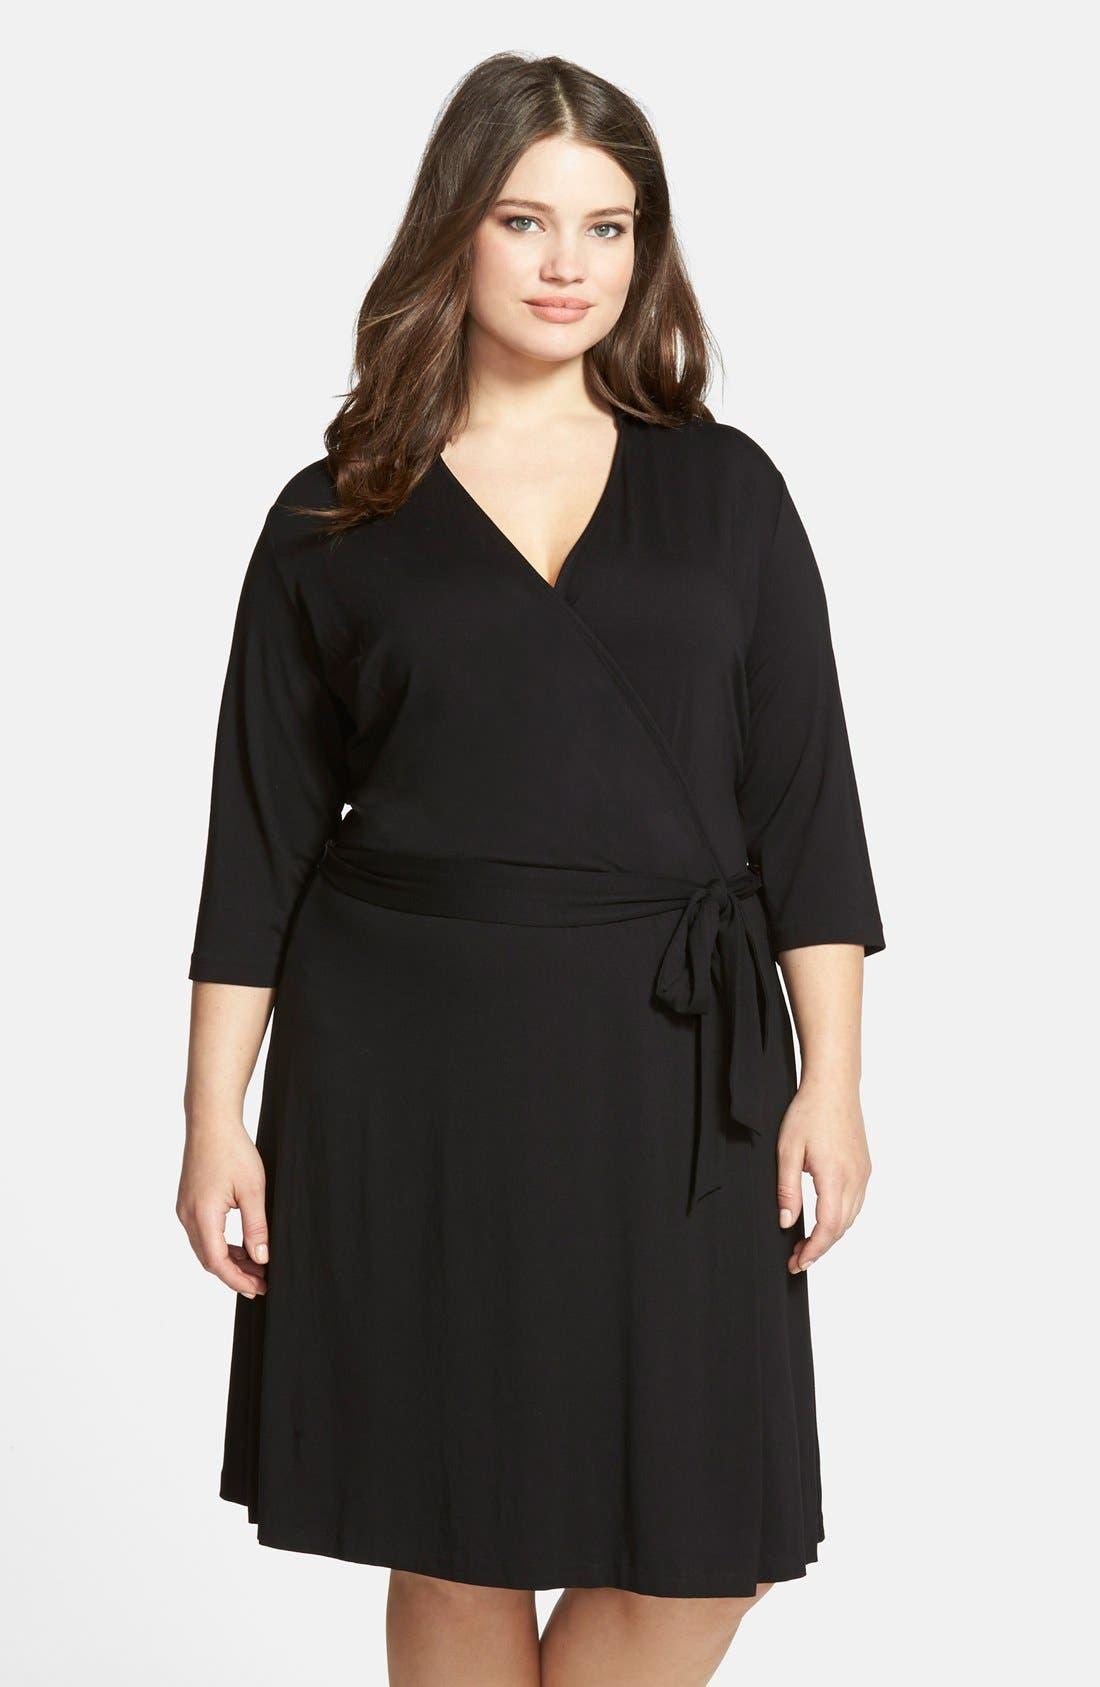 Main Image - Vince Camuto Jersey Faux Wrap Dress (Plus Size)